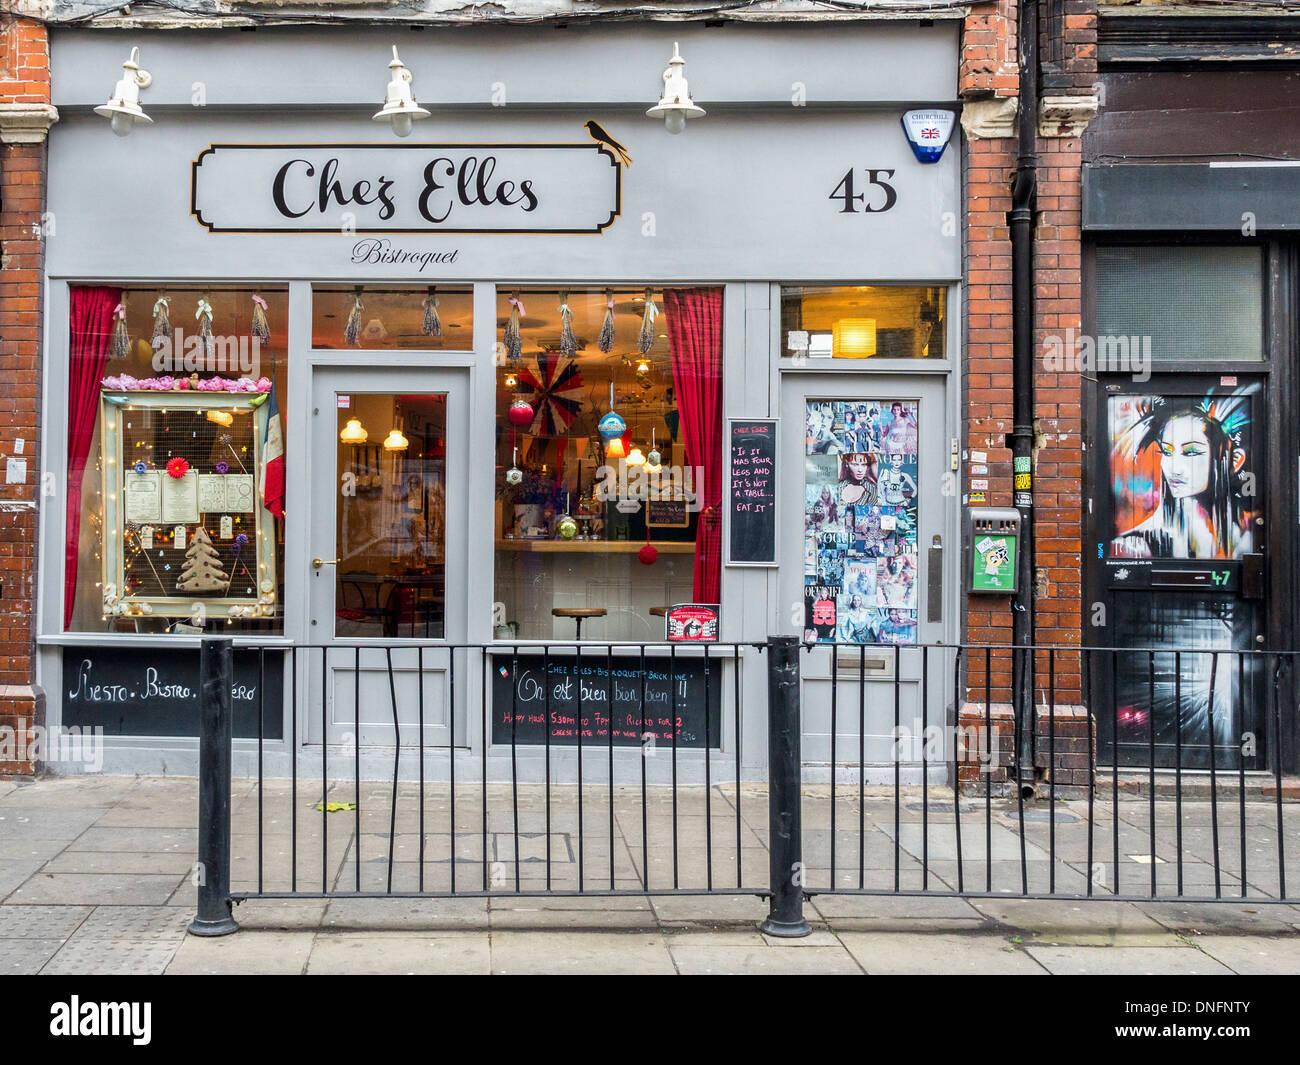 Chez Alles bistroquet bistro and door with street art woman in Brick Lane, London E1 - Stock Image